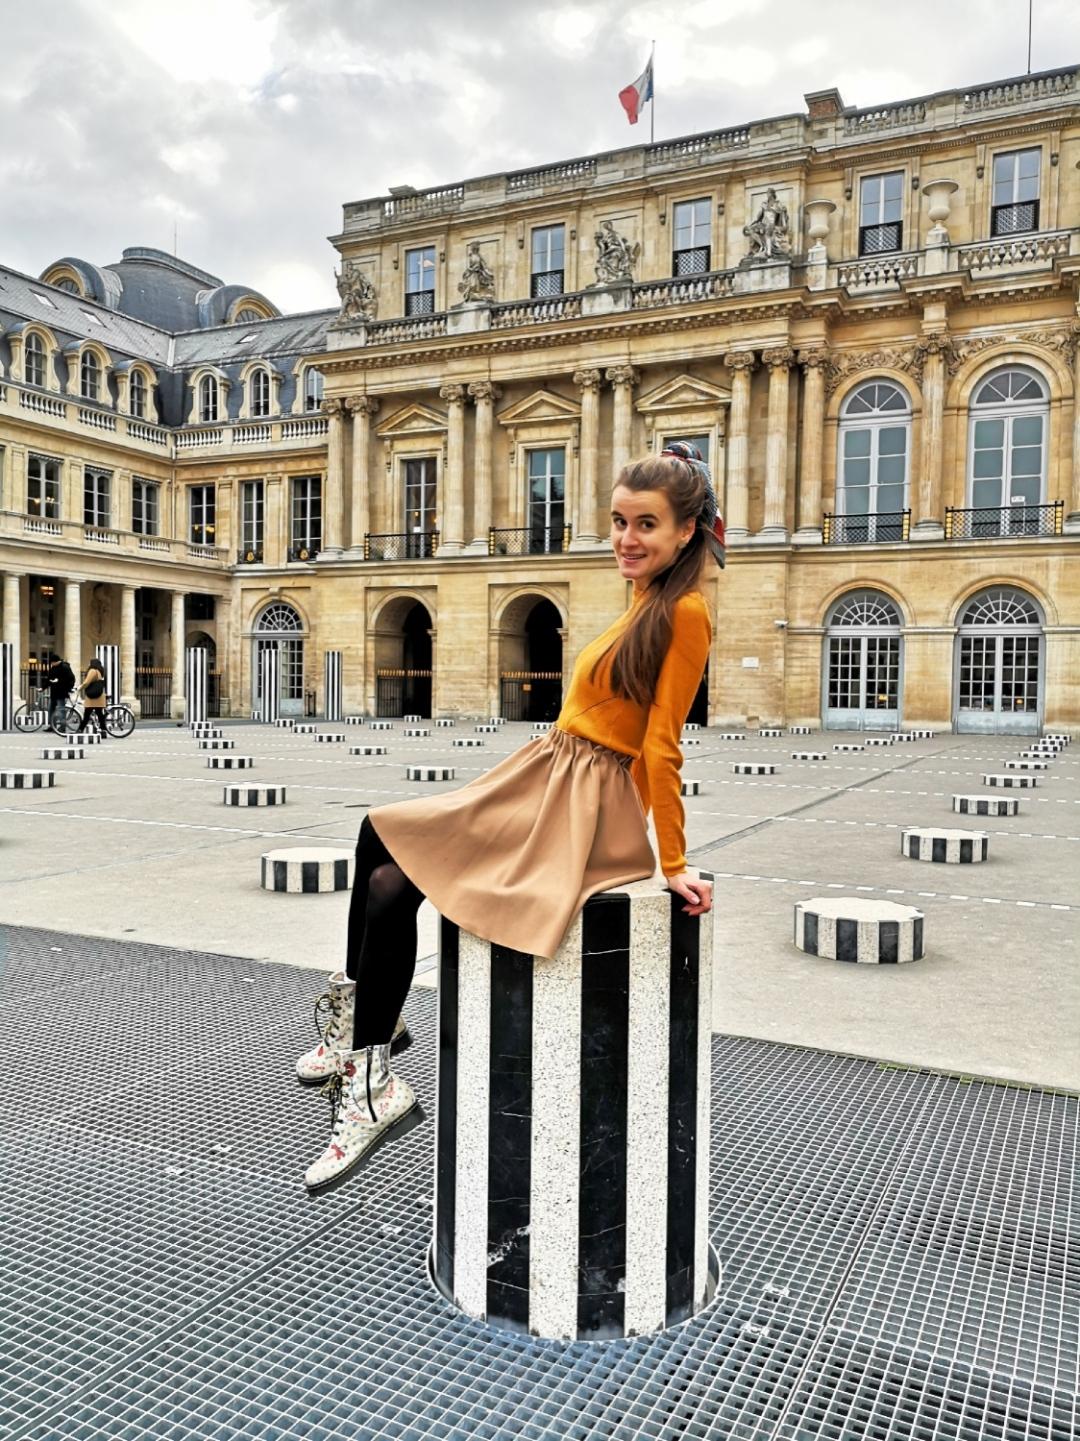 Colonnes de Daniel Buren - Palais Royal - best spots for Instagram pictures in Paris